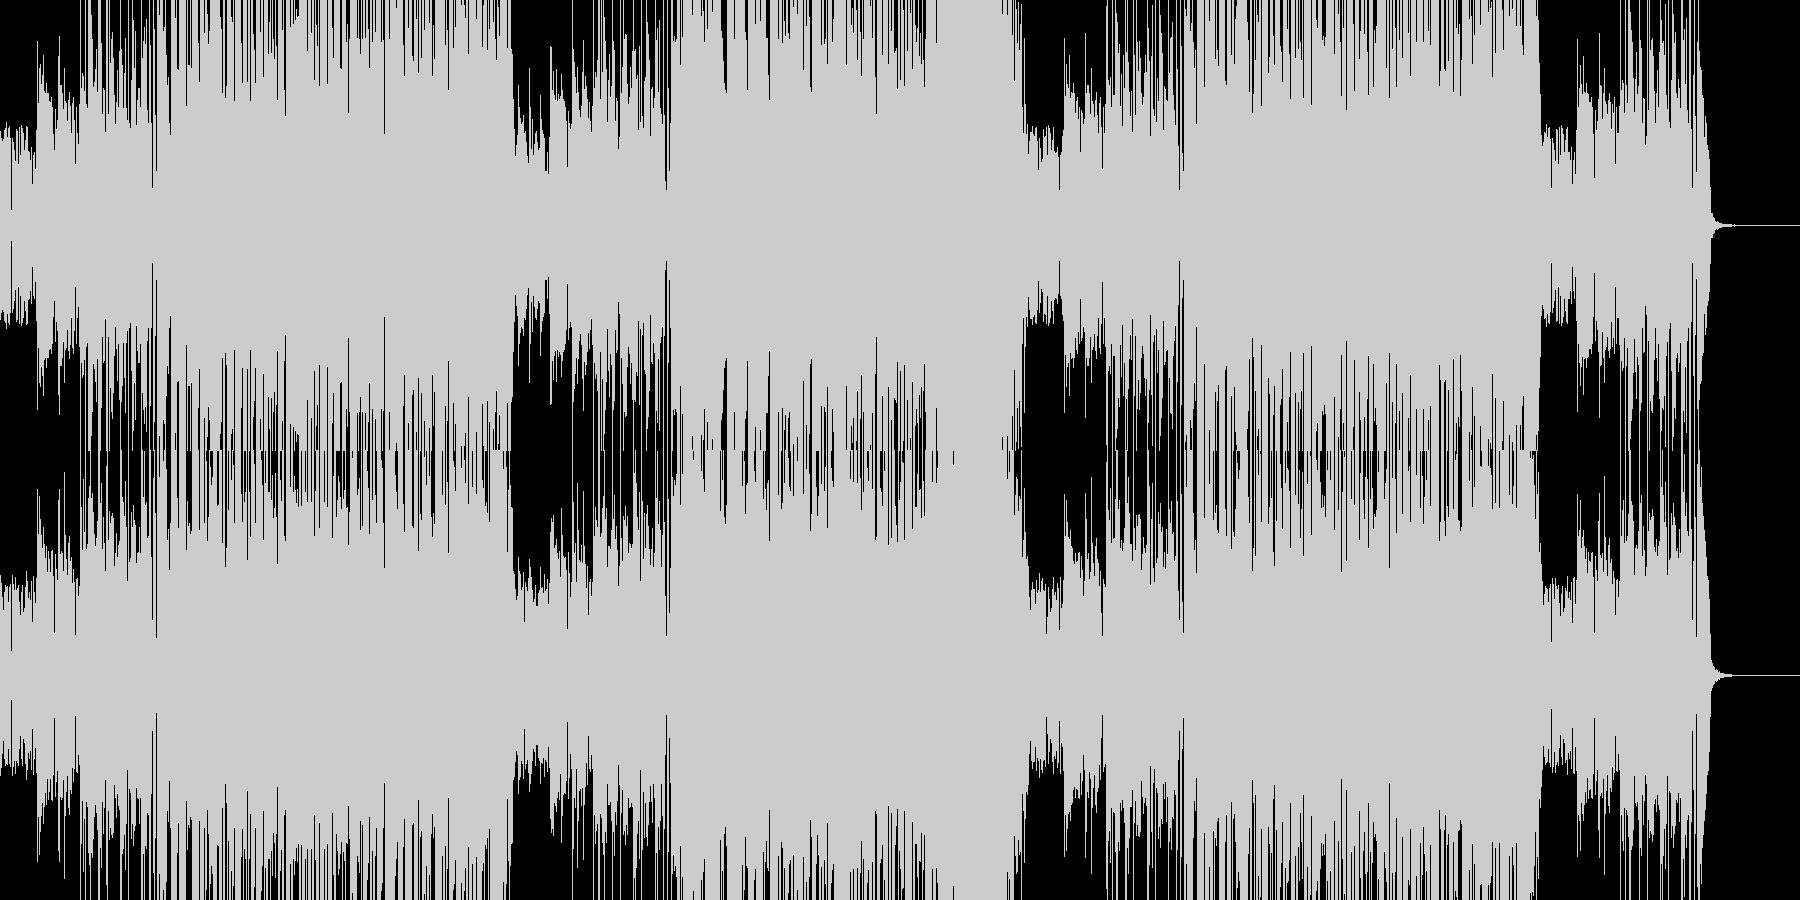 エレキGt生録(Smooth Jazz)の未再生の波形